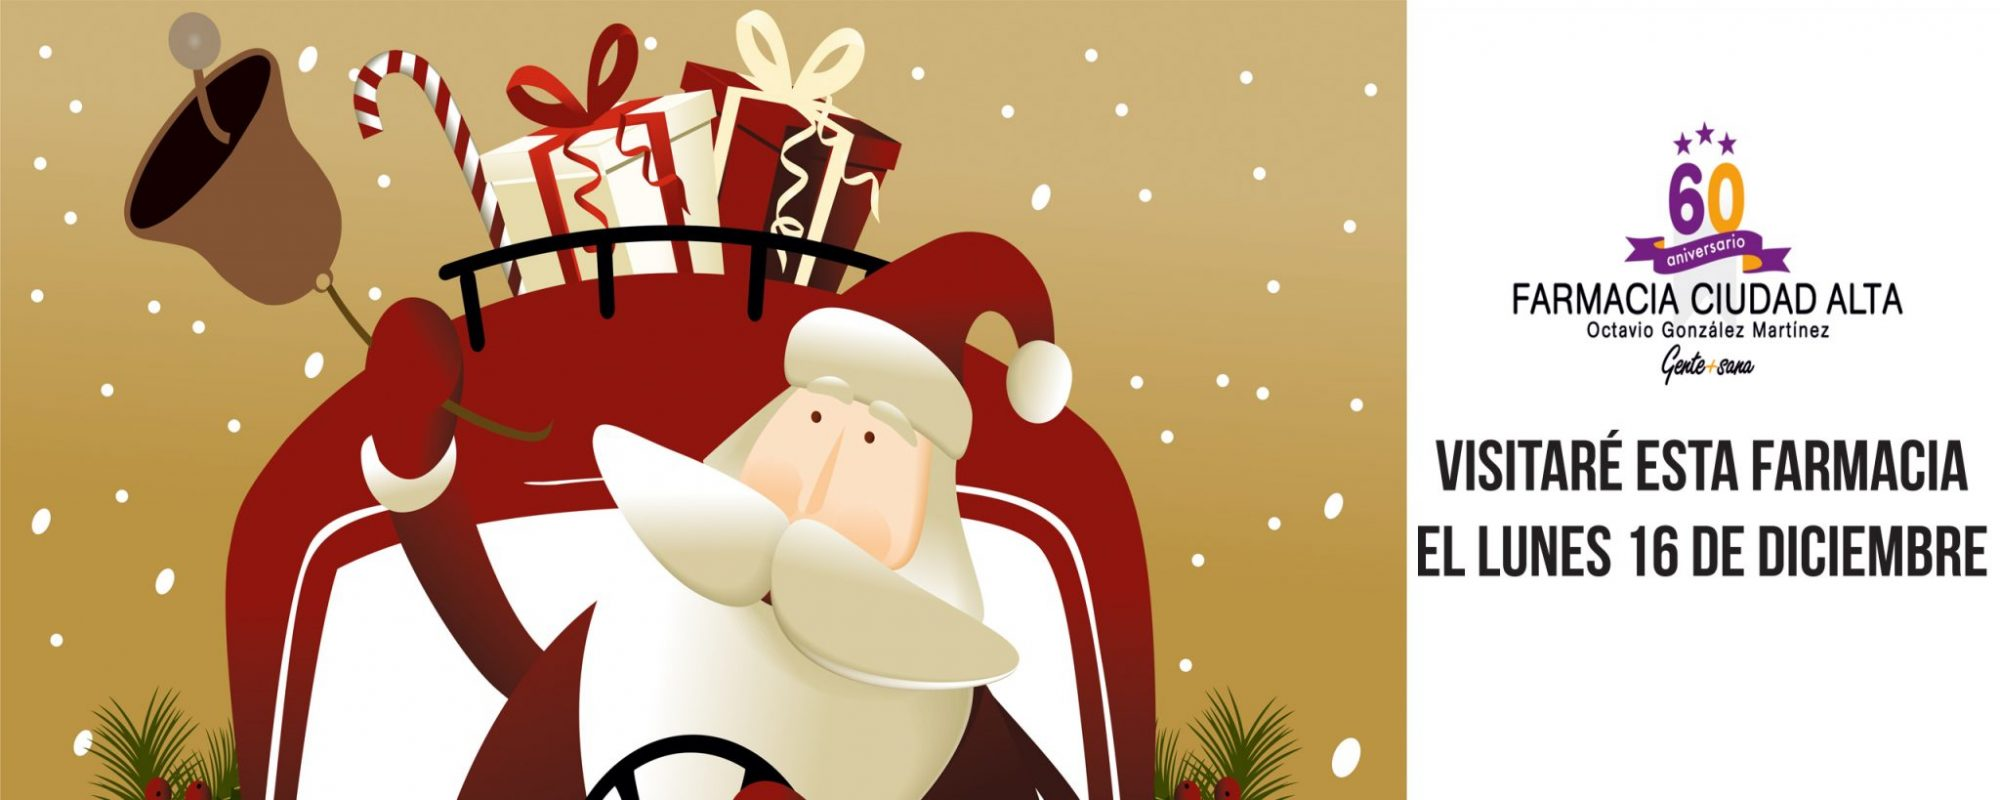 Papá Noel visitaría Farmacia Ciudad Alta el 16 de diciembre